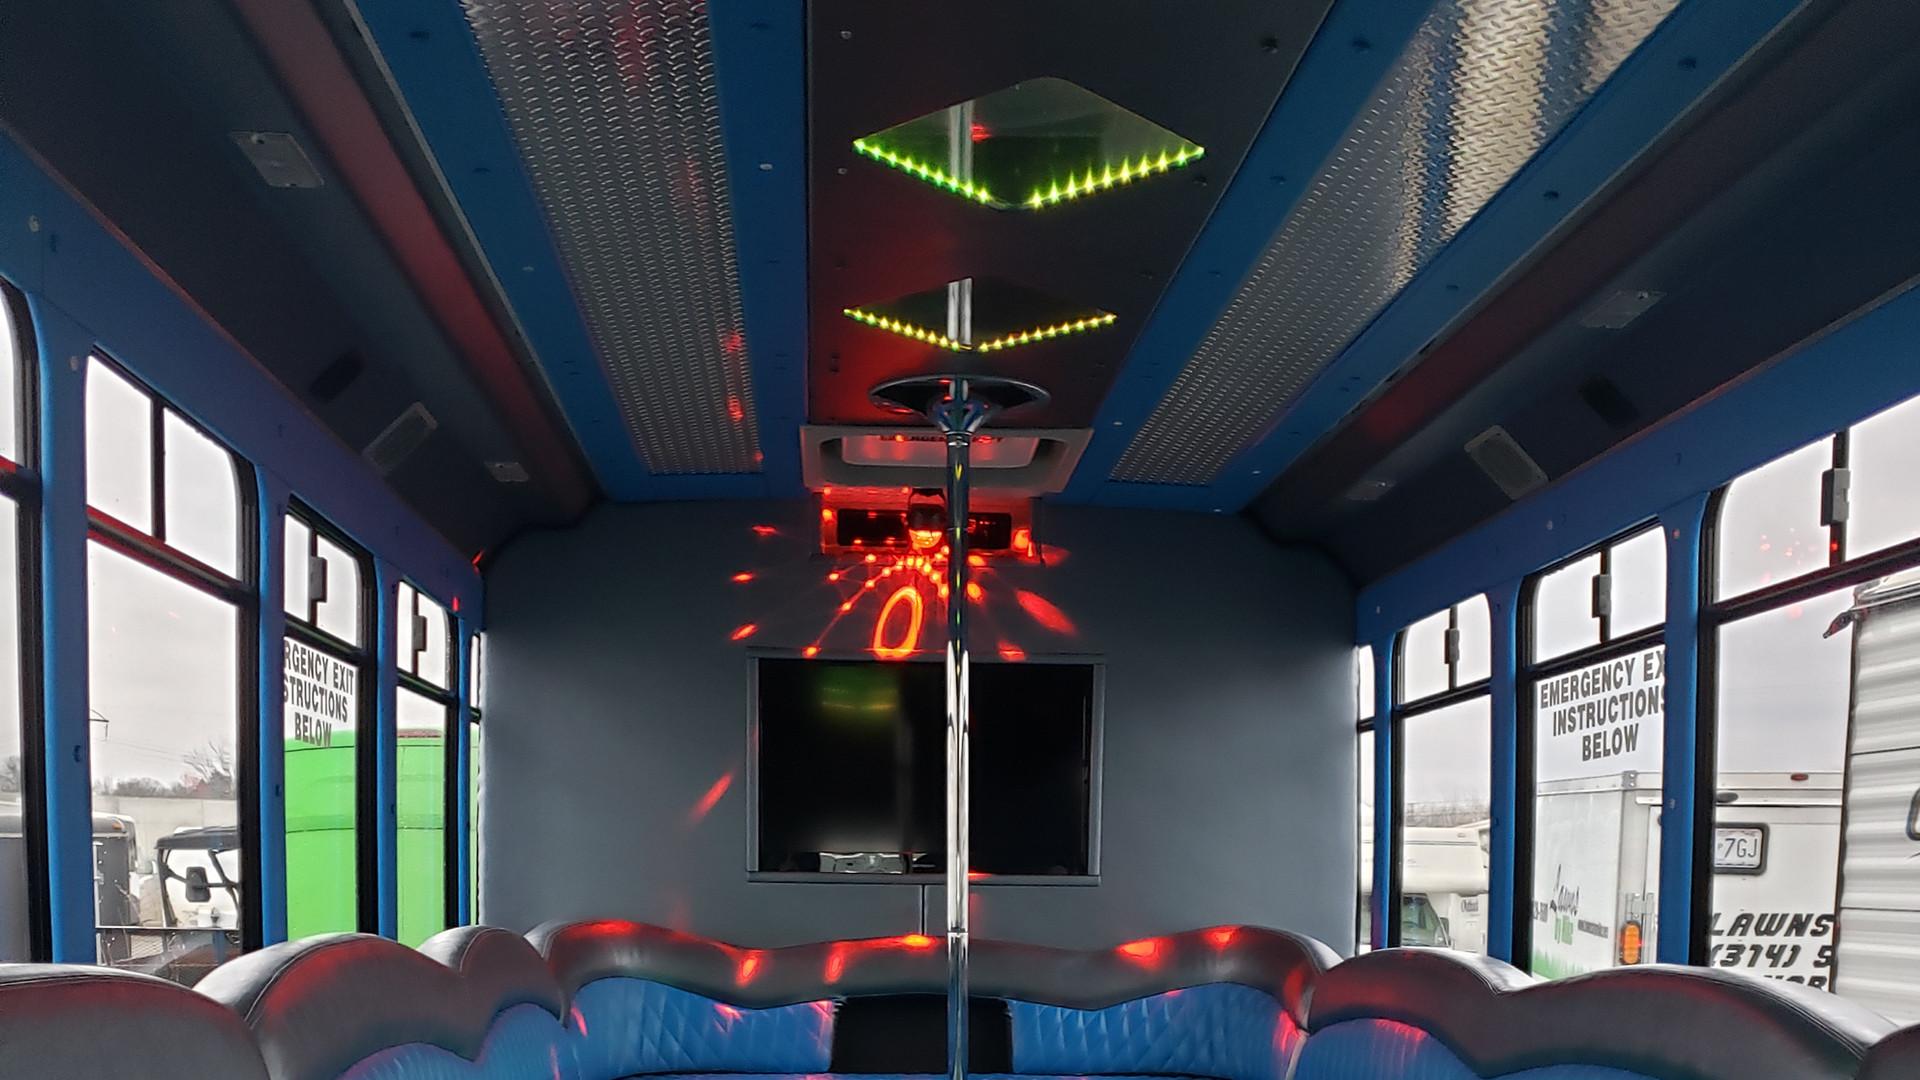 new bus inside - light.jpg